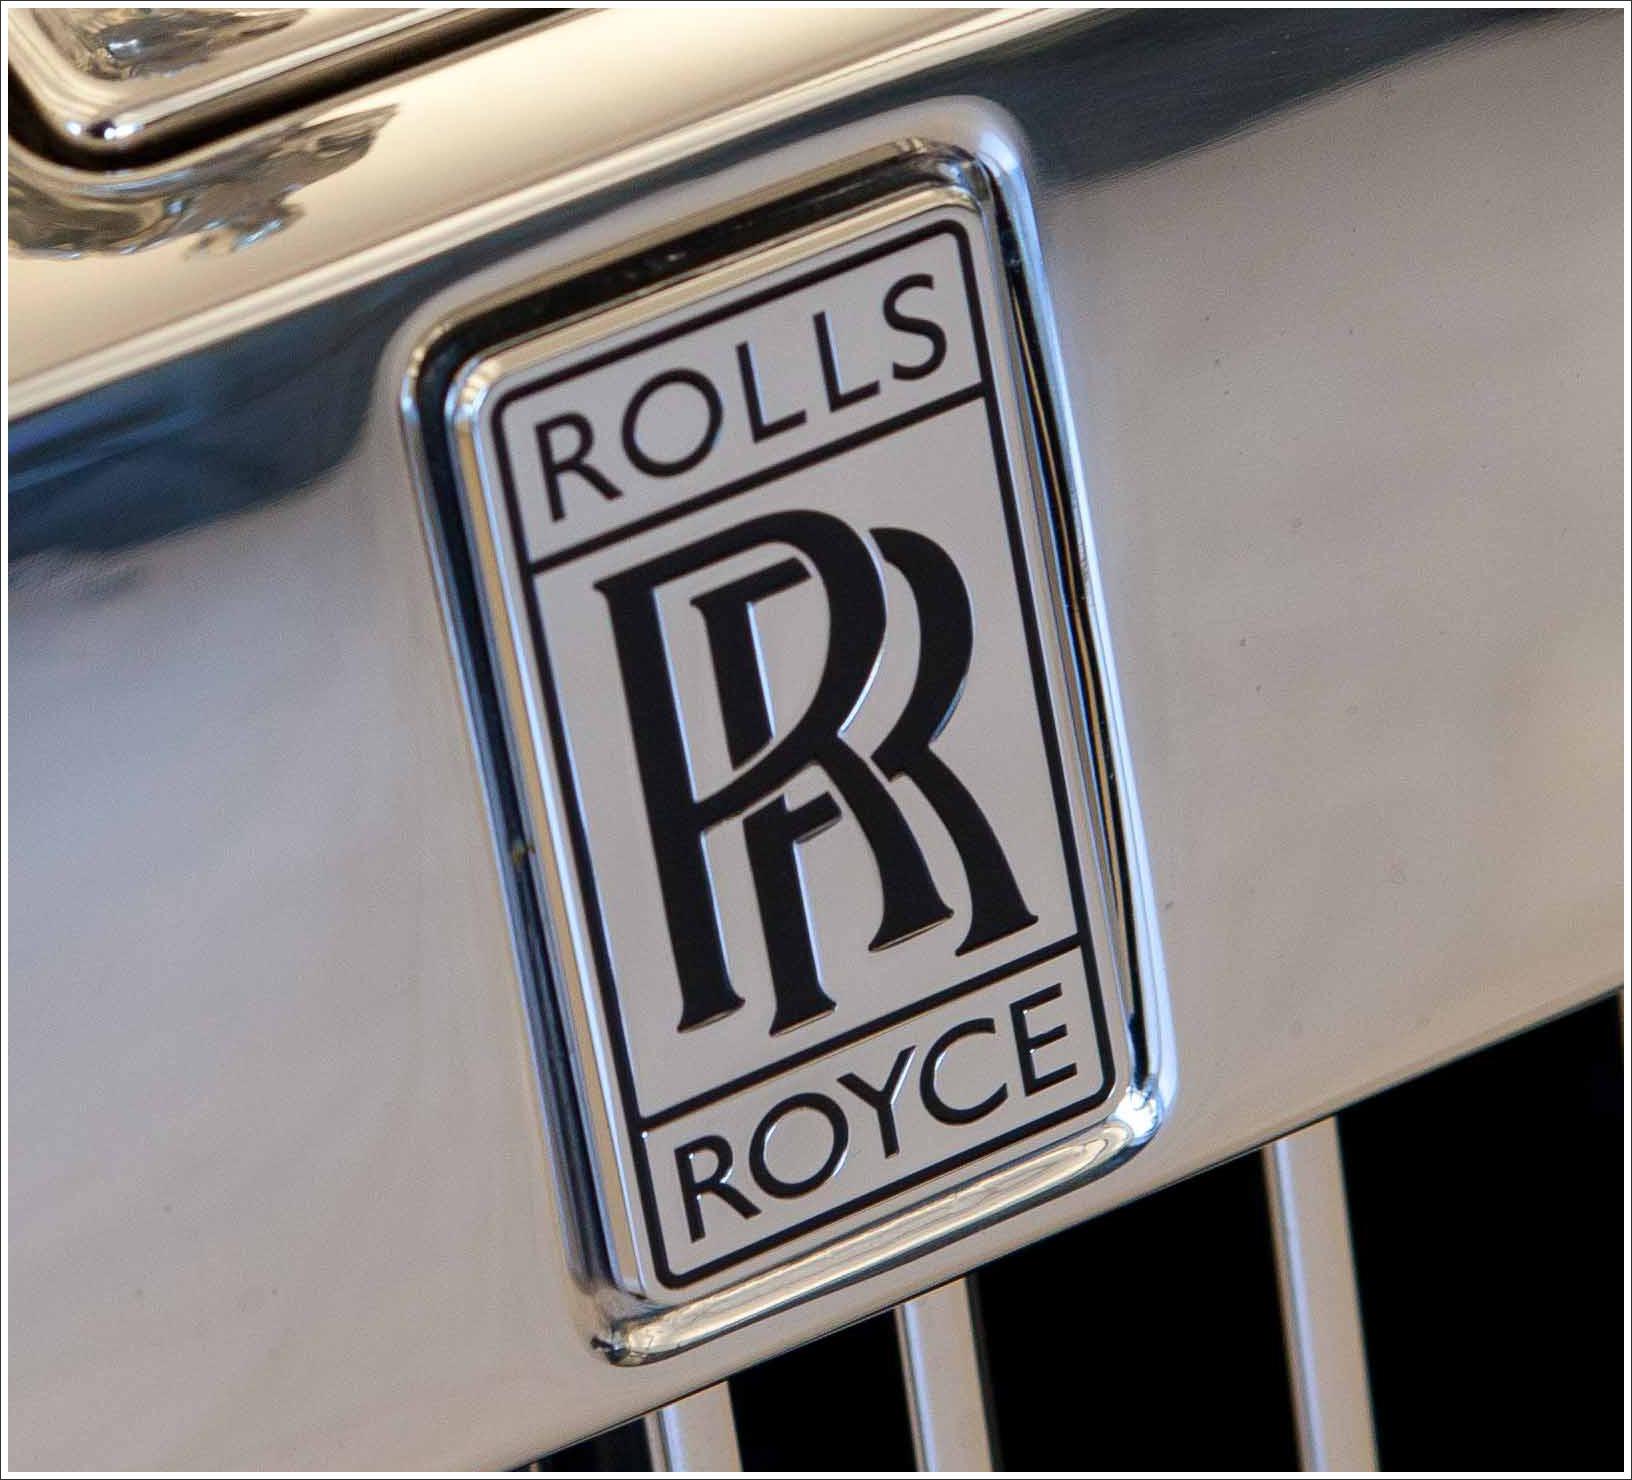 Rolls-Royce Emblem Wallpaper